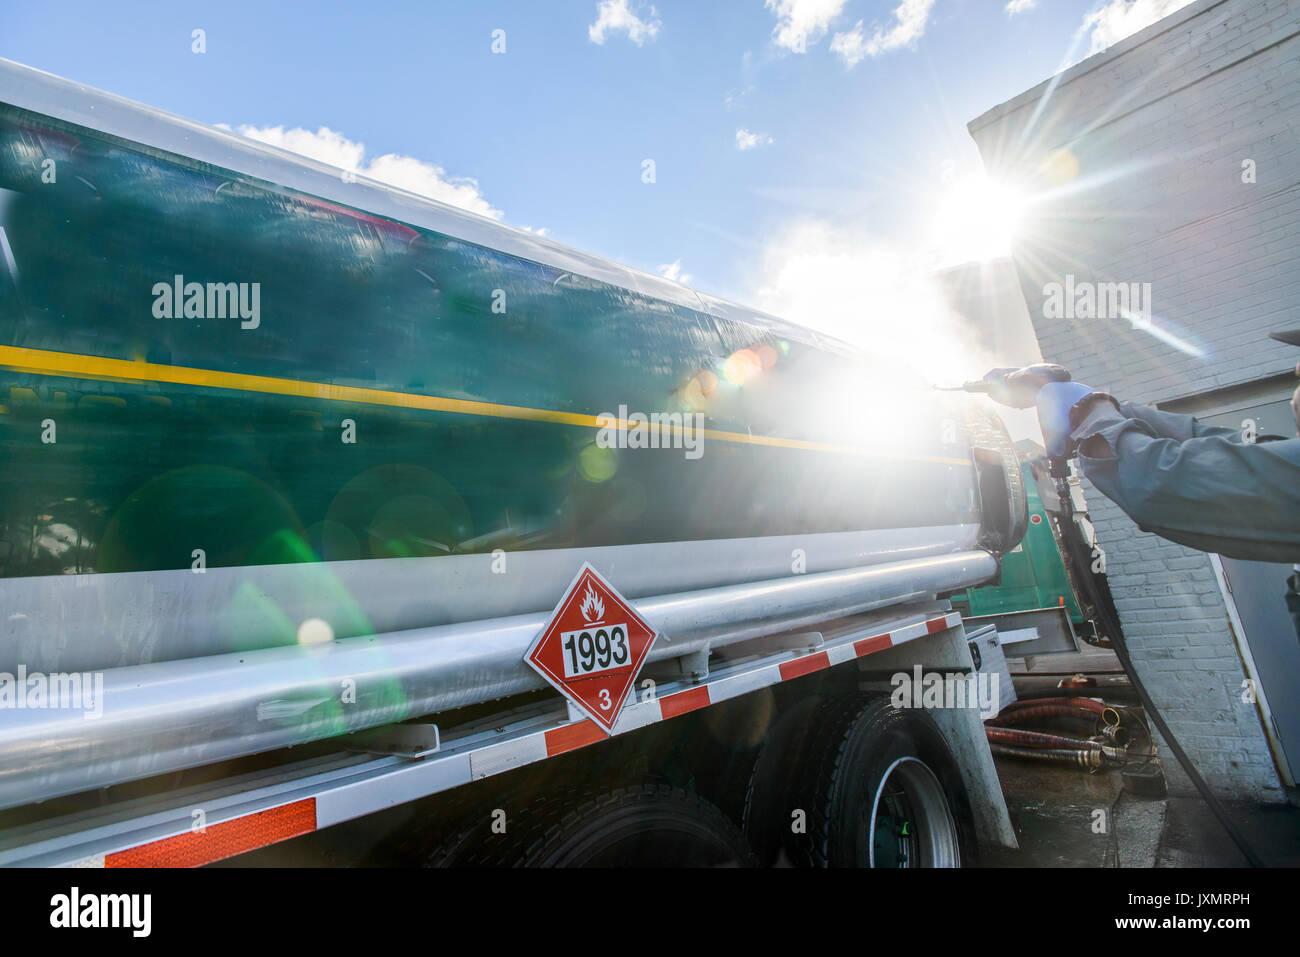 Worker pressure hosing biofuel oil tanker at sunlit biofuel plant - Stock Image